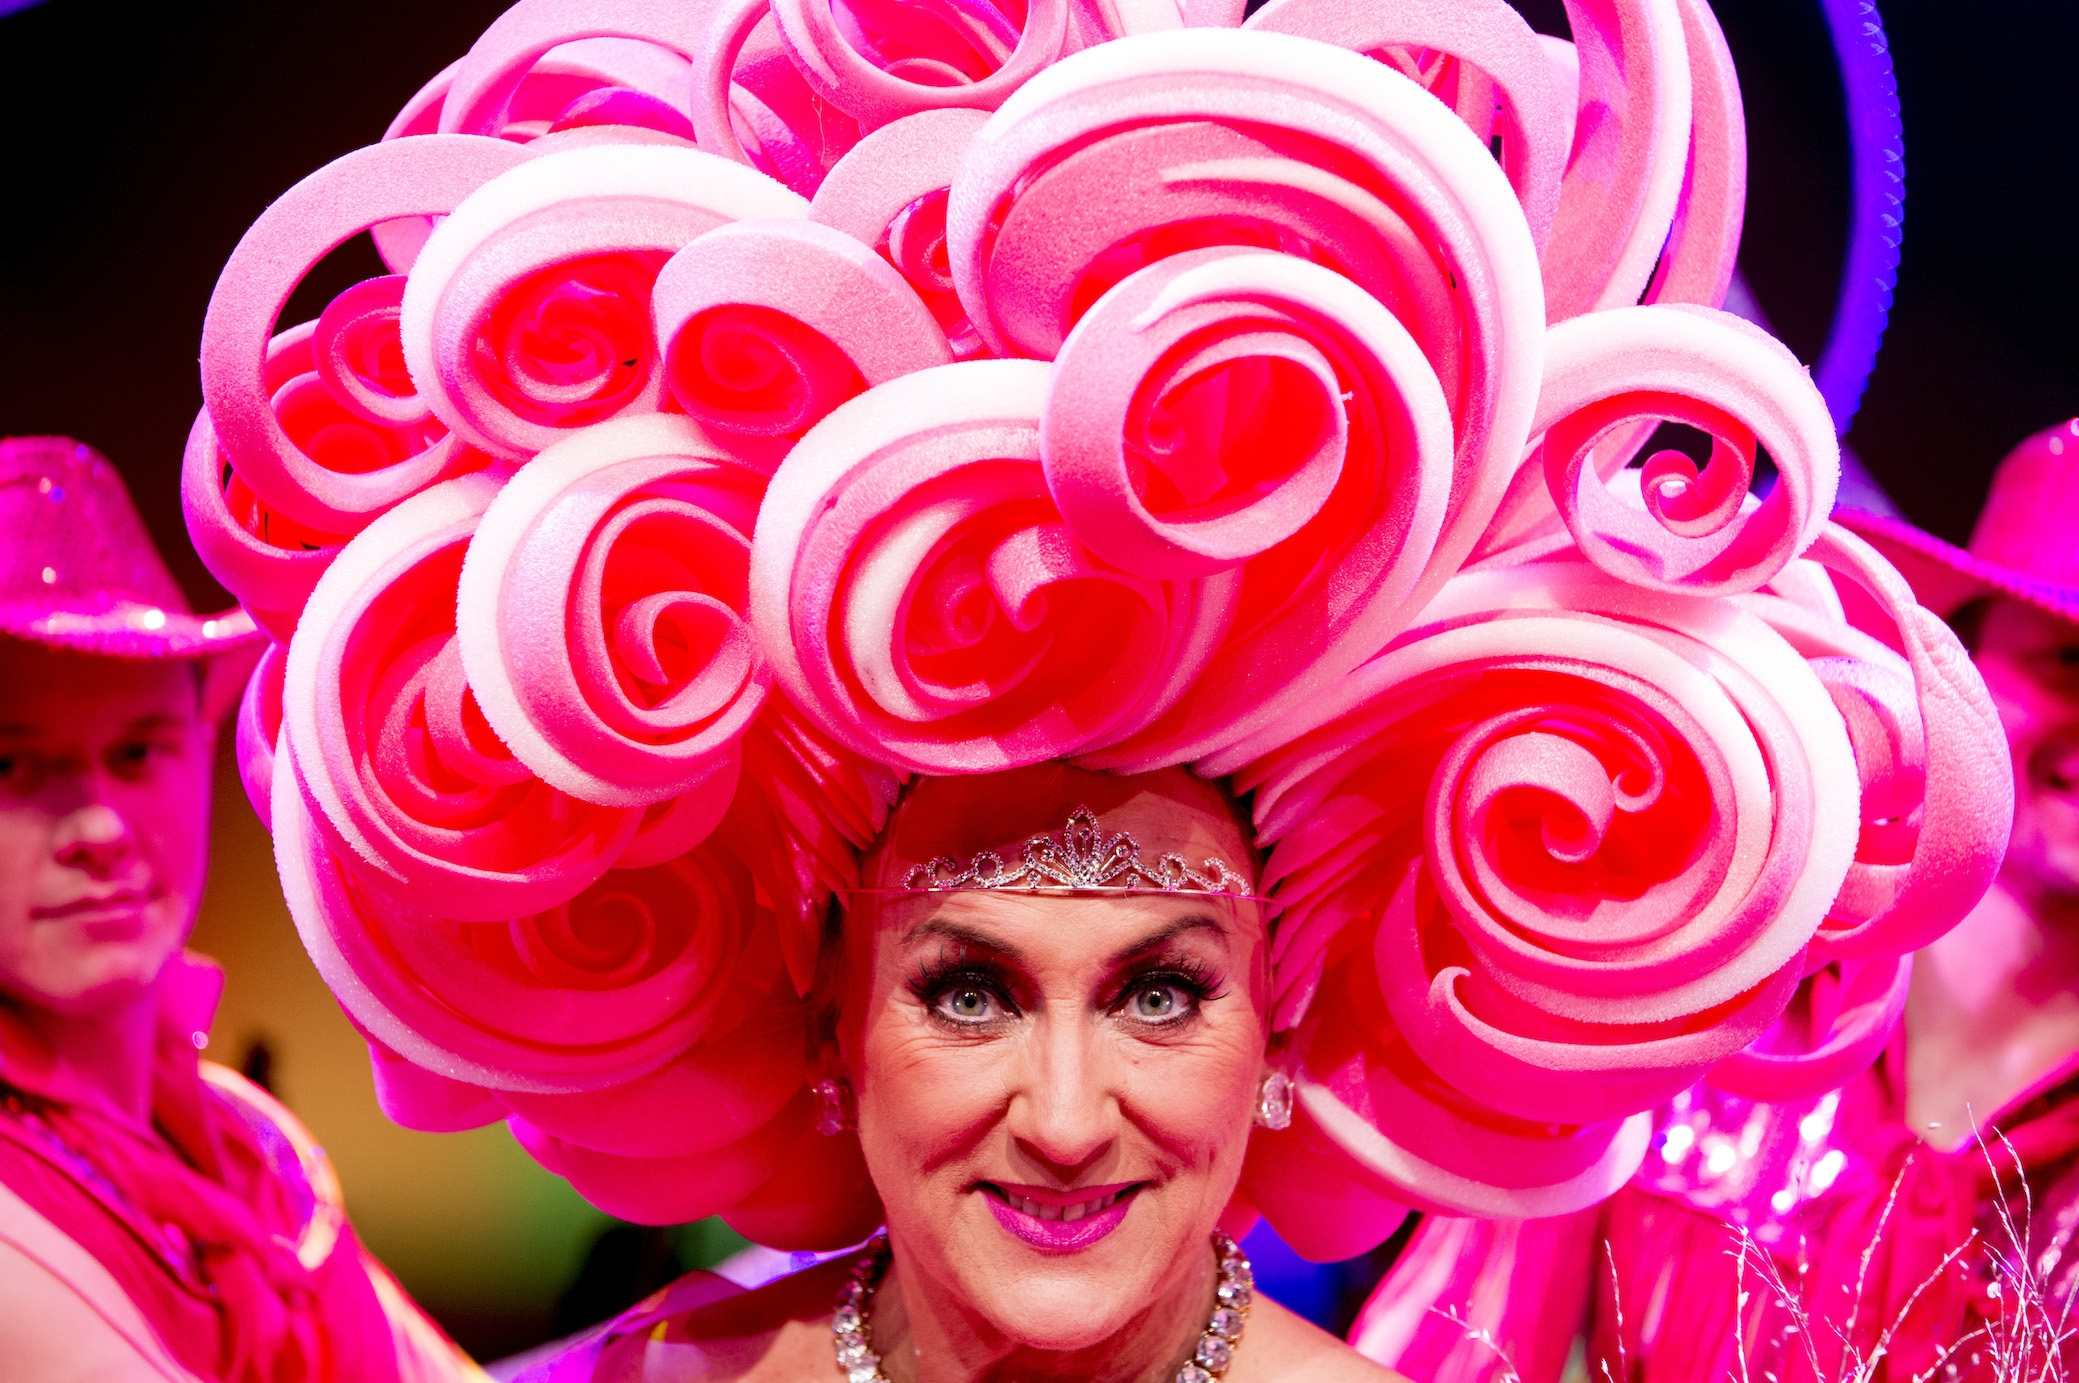 Karin Bloemen trots op titel 'homomoeder Gaypride 2016'